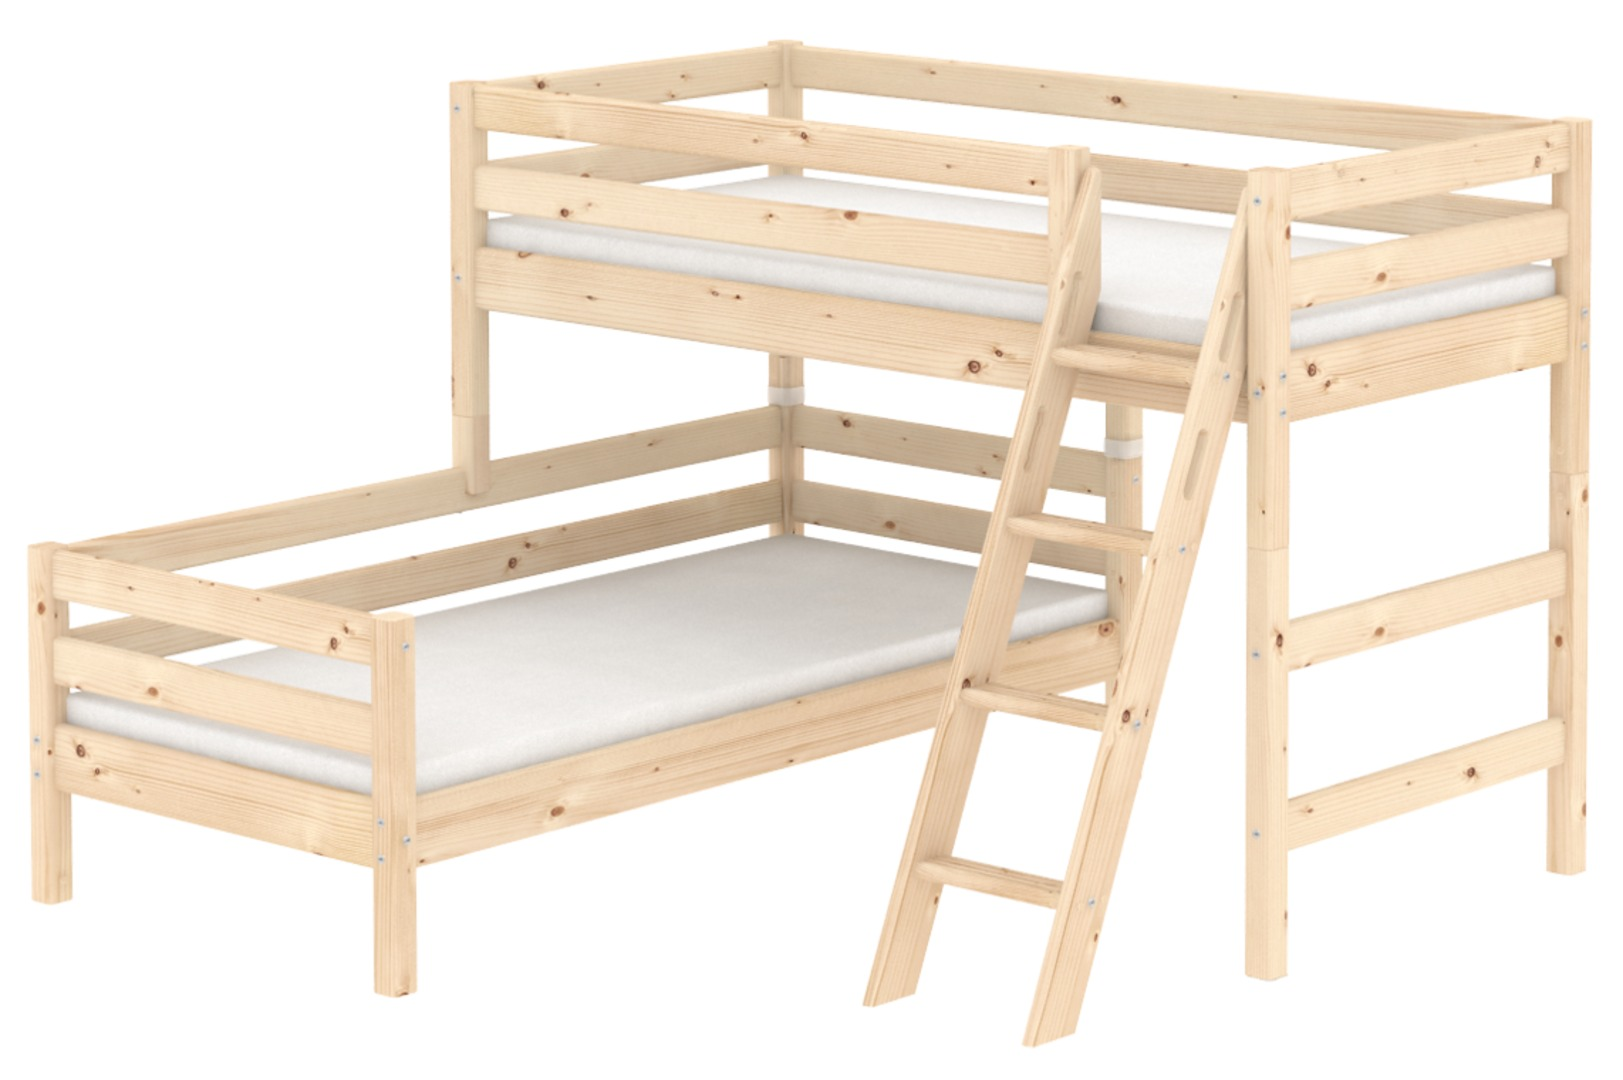 Verzauberkunst Flexa Mittelhohes Bett Ideen Von Classic Kombibett Mit Neuer Schrägleiter Mit Integrierten